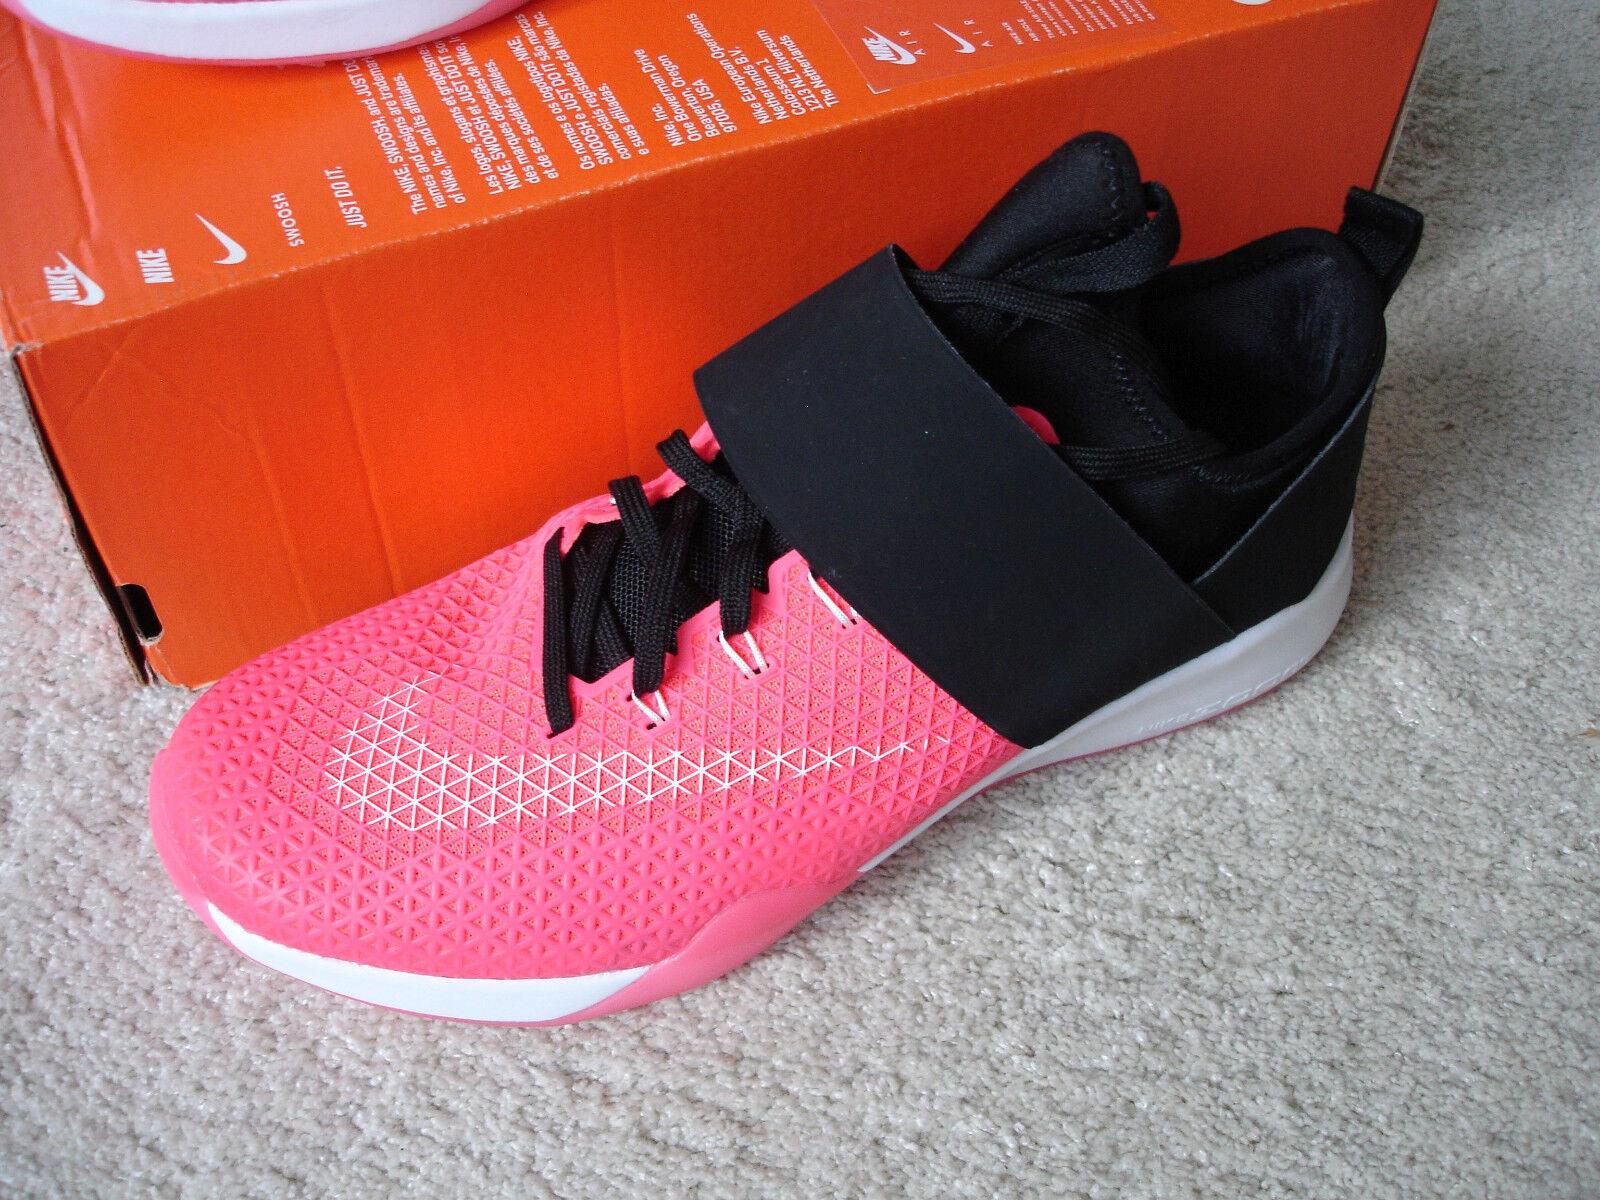 Nike WMNS Air Zoom Strong Gr. 40,5 Turnschuhe Freizeitschuh Laufschuh Neu ovp